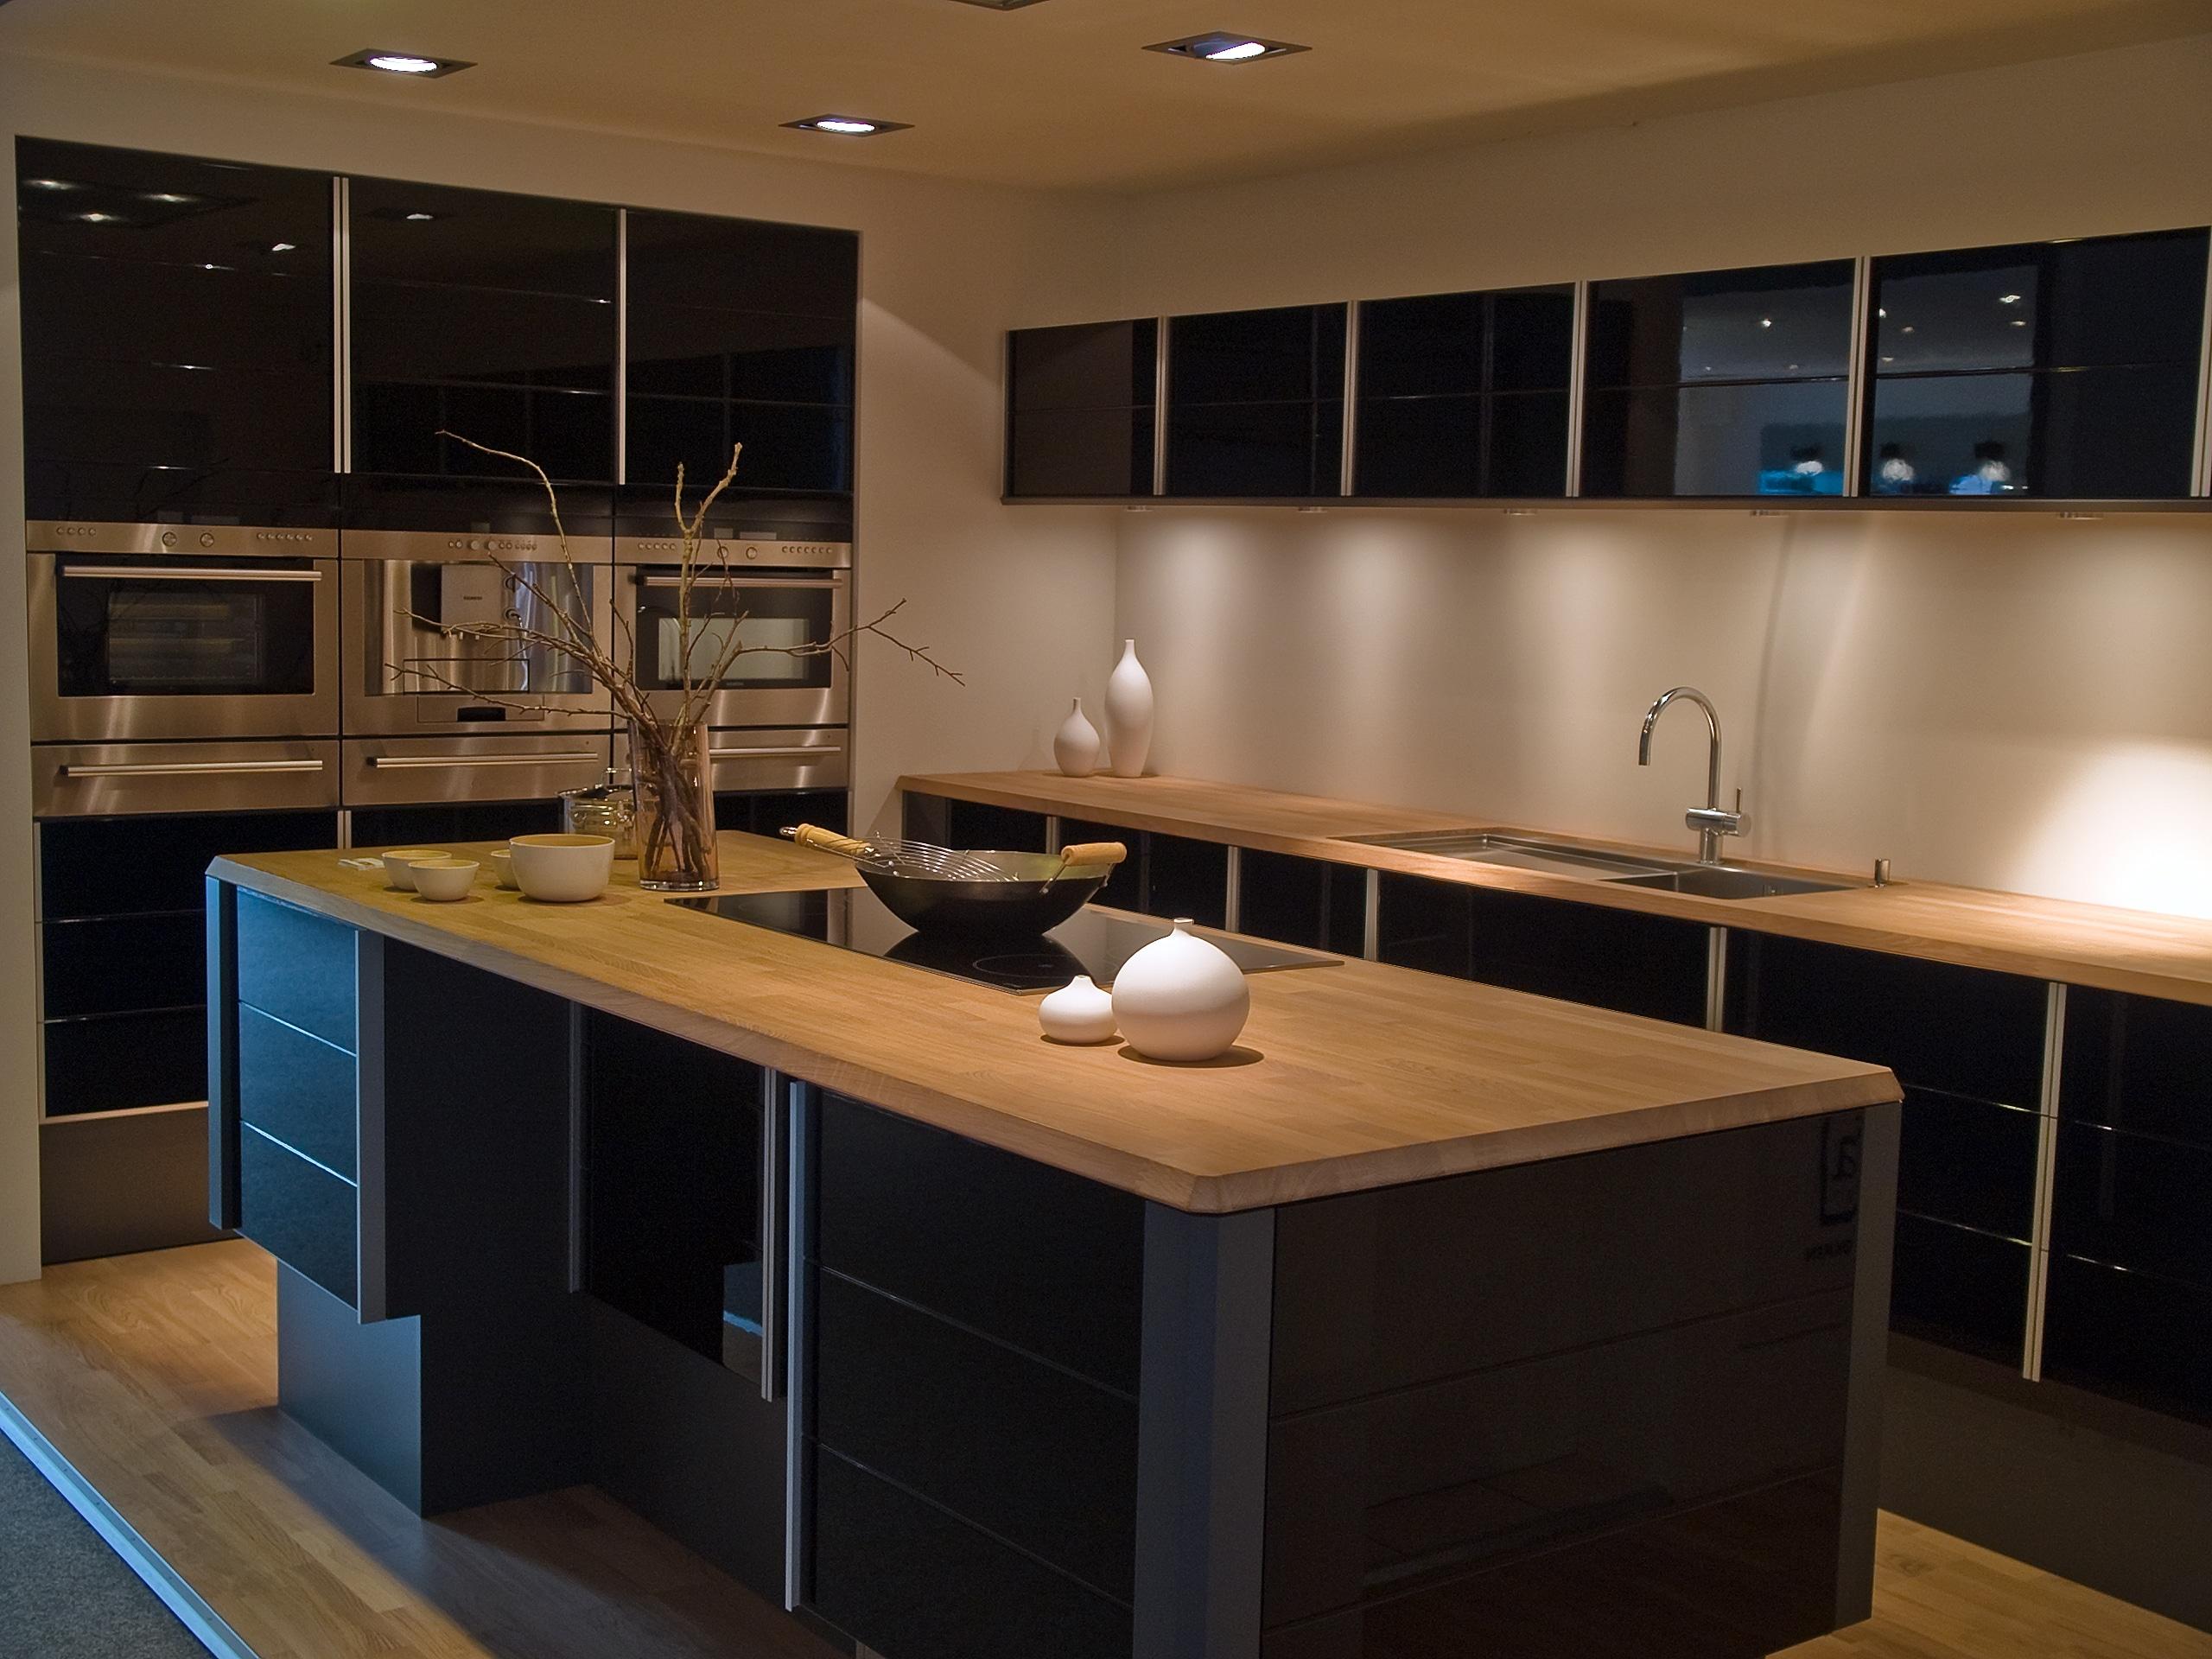 מטבח עץ מודרני שחור ובהיר דגם 1 sequoia